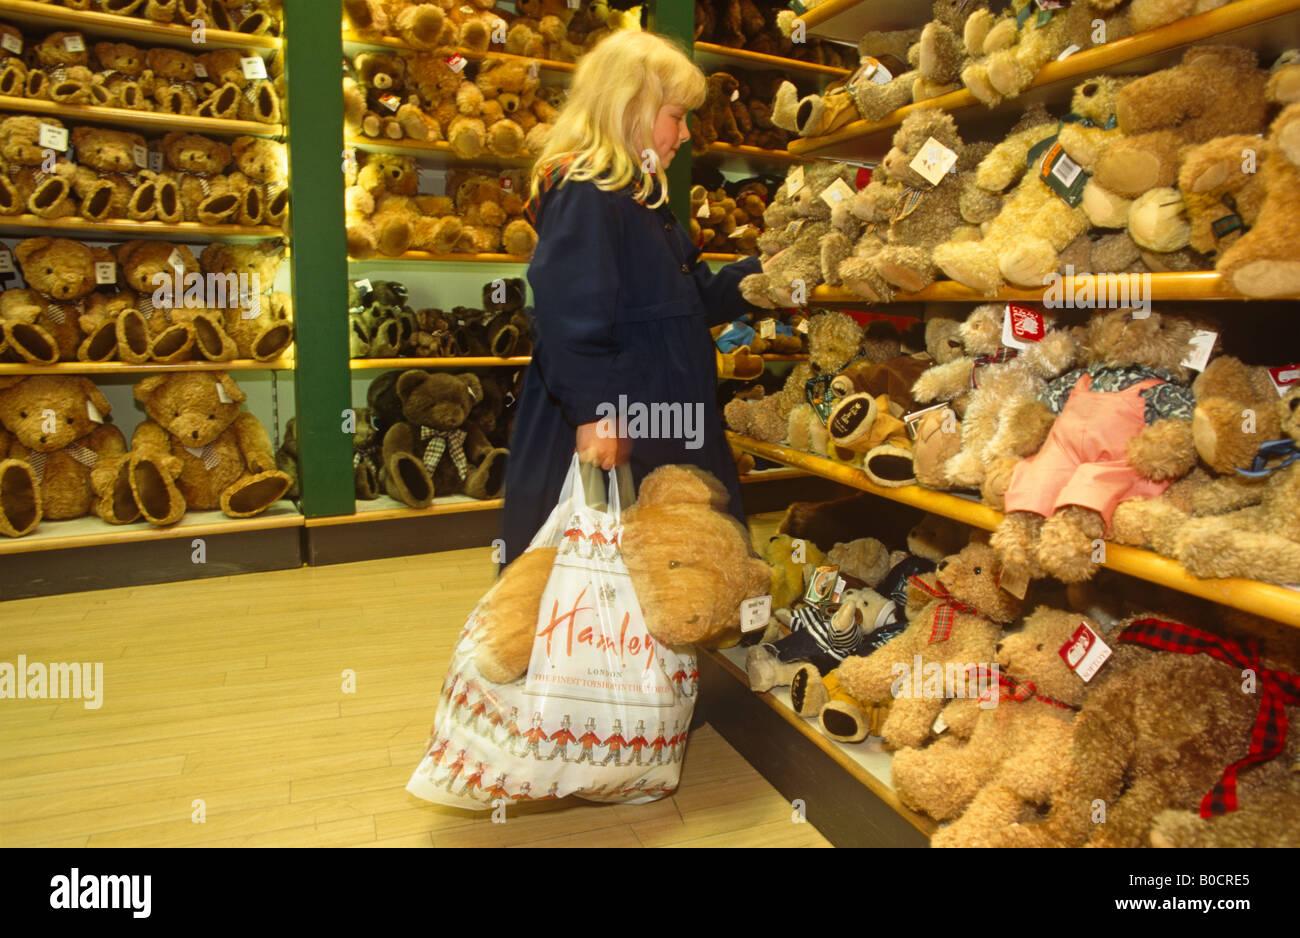 724d4900627da Juste avant Noël, jeune fille d'environ 7 ans pour les ours en peluche dans  les magasins Hamleys, le célèbre magasin de jouets à Londres